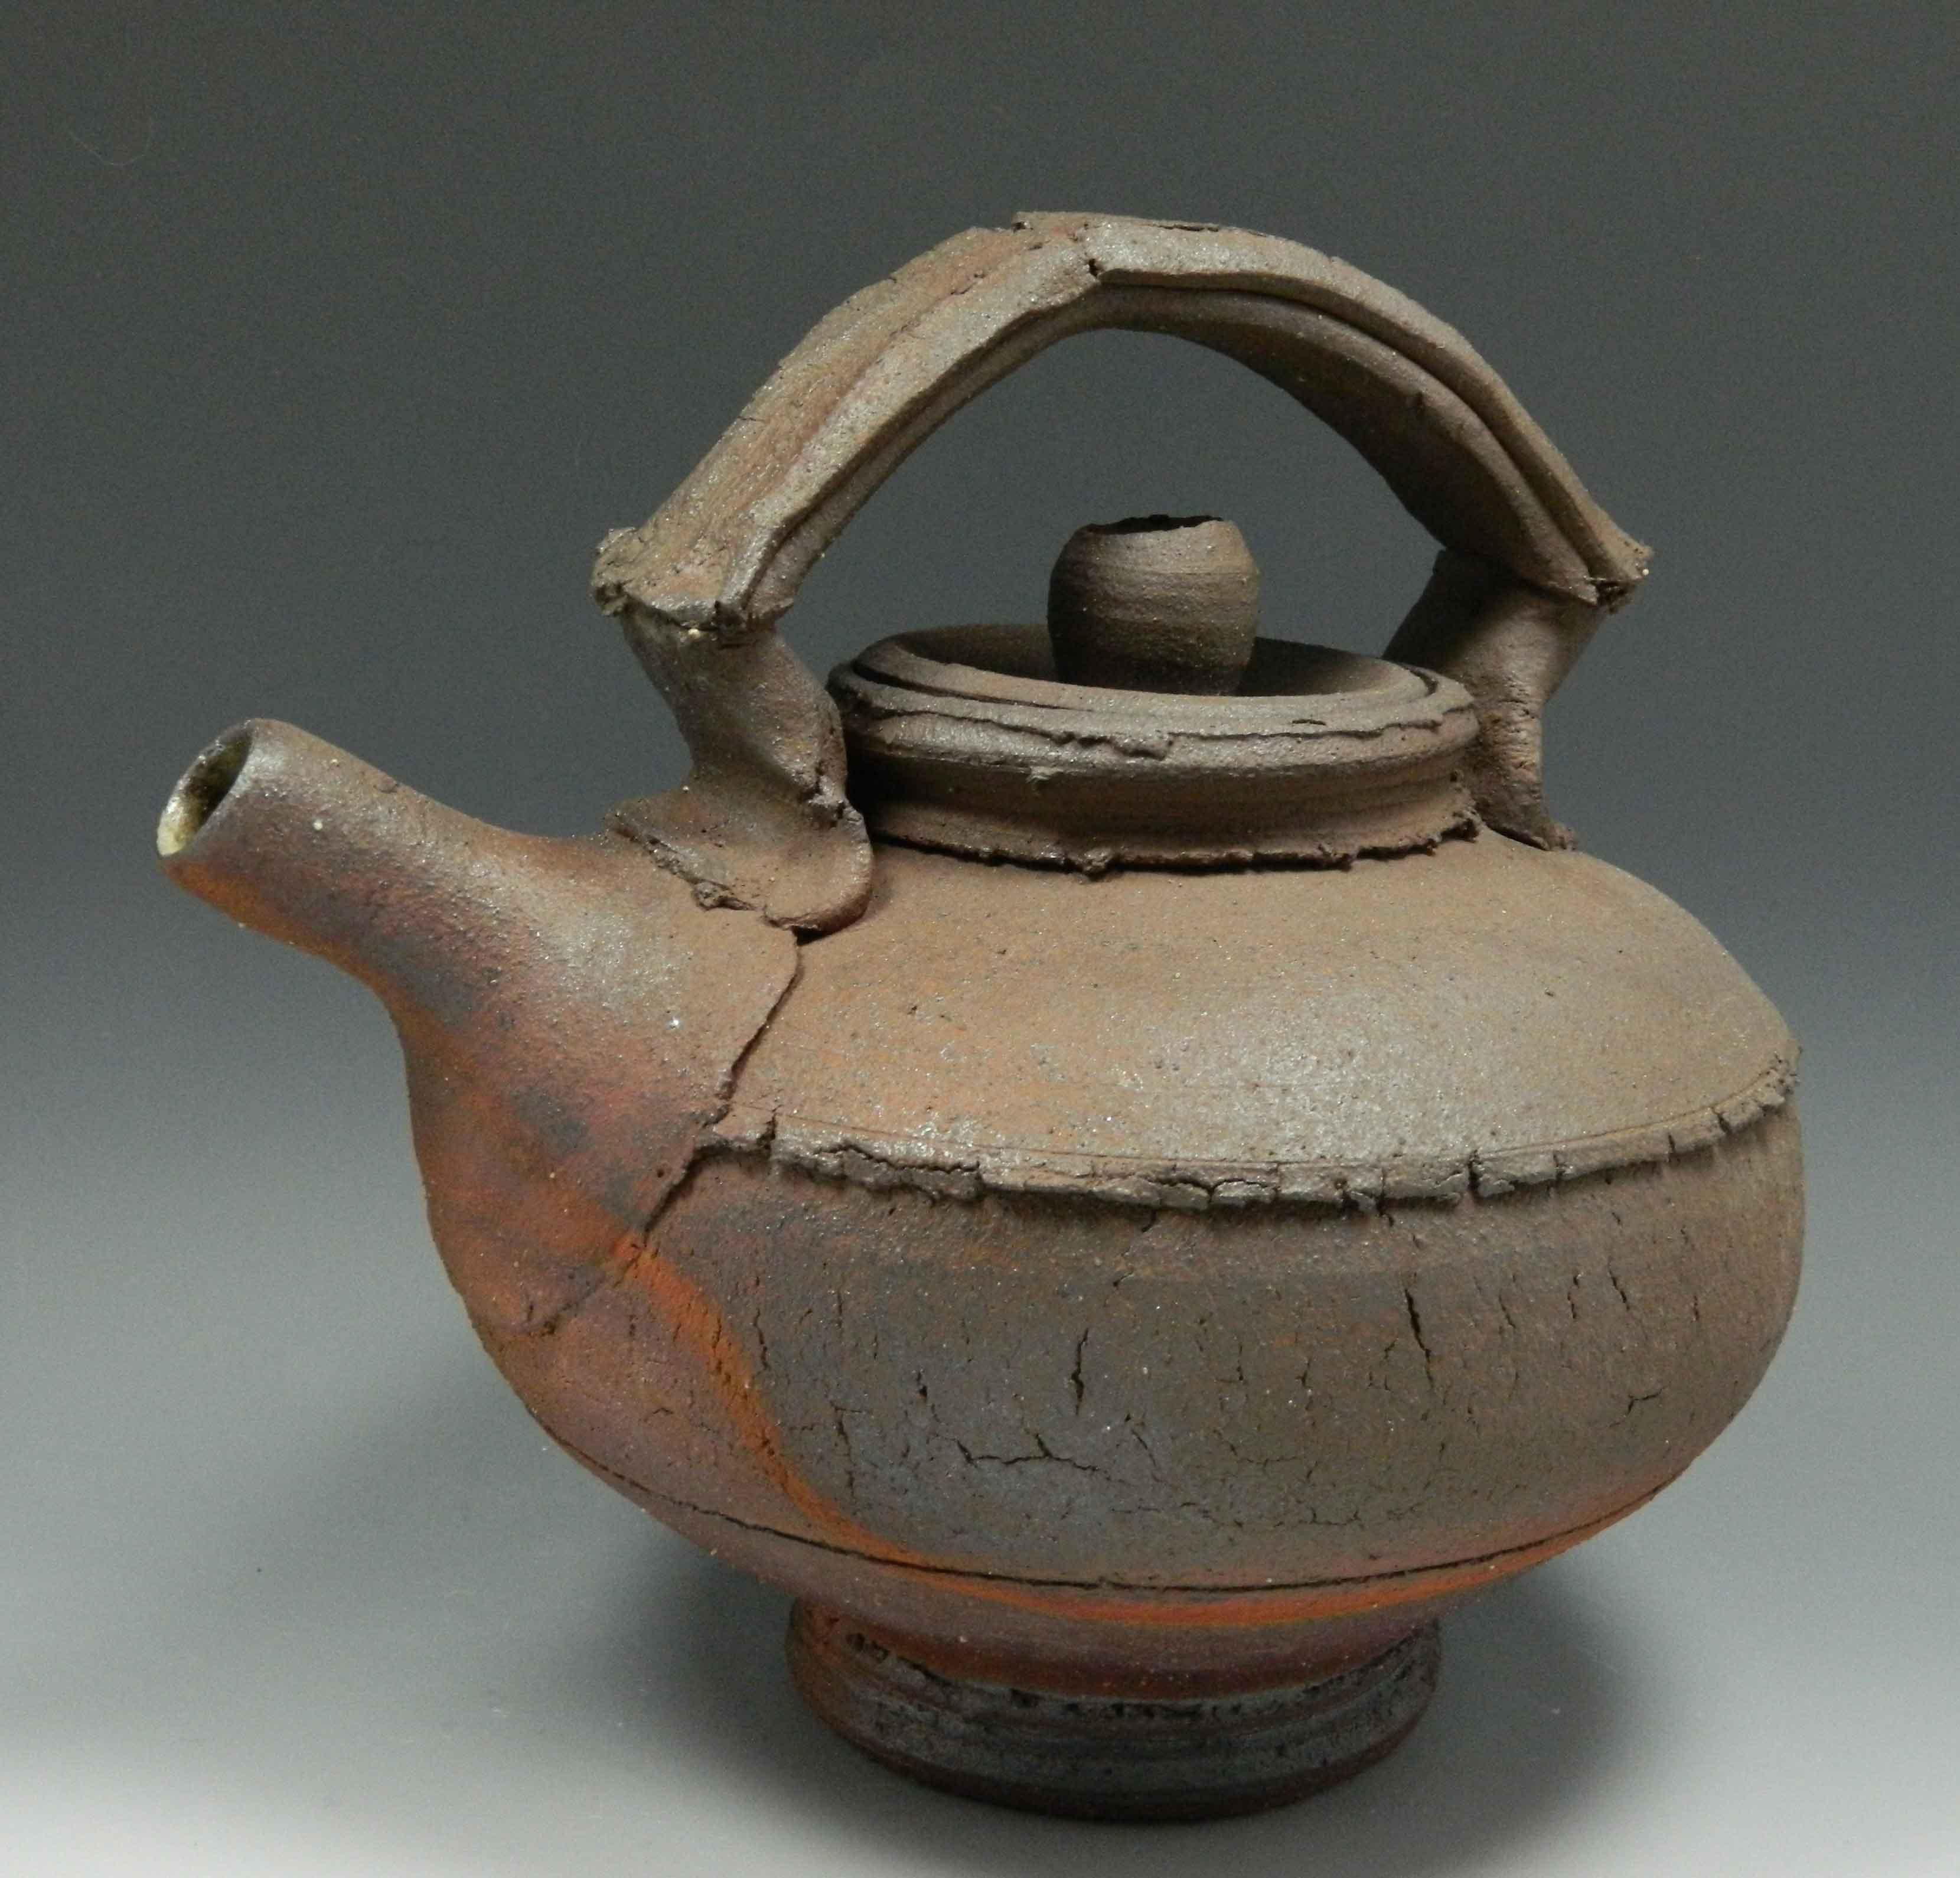 Pearson, Anthony. Teapot, 2015.